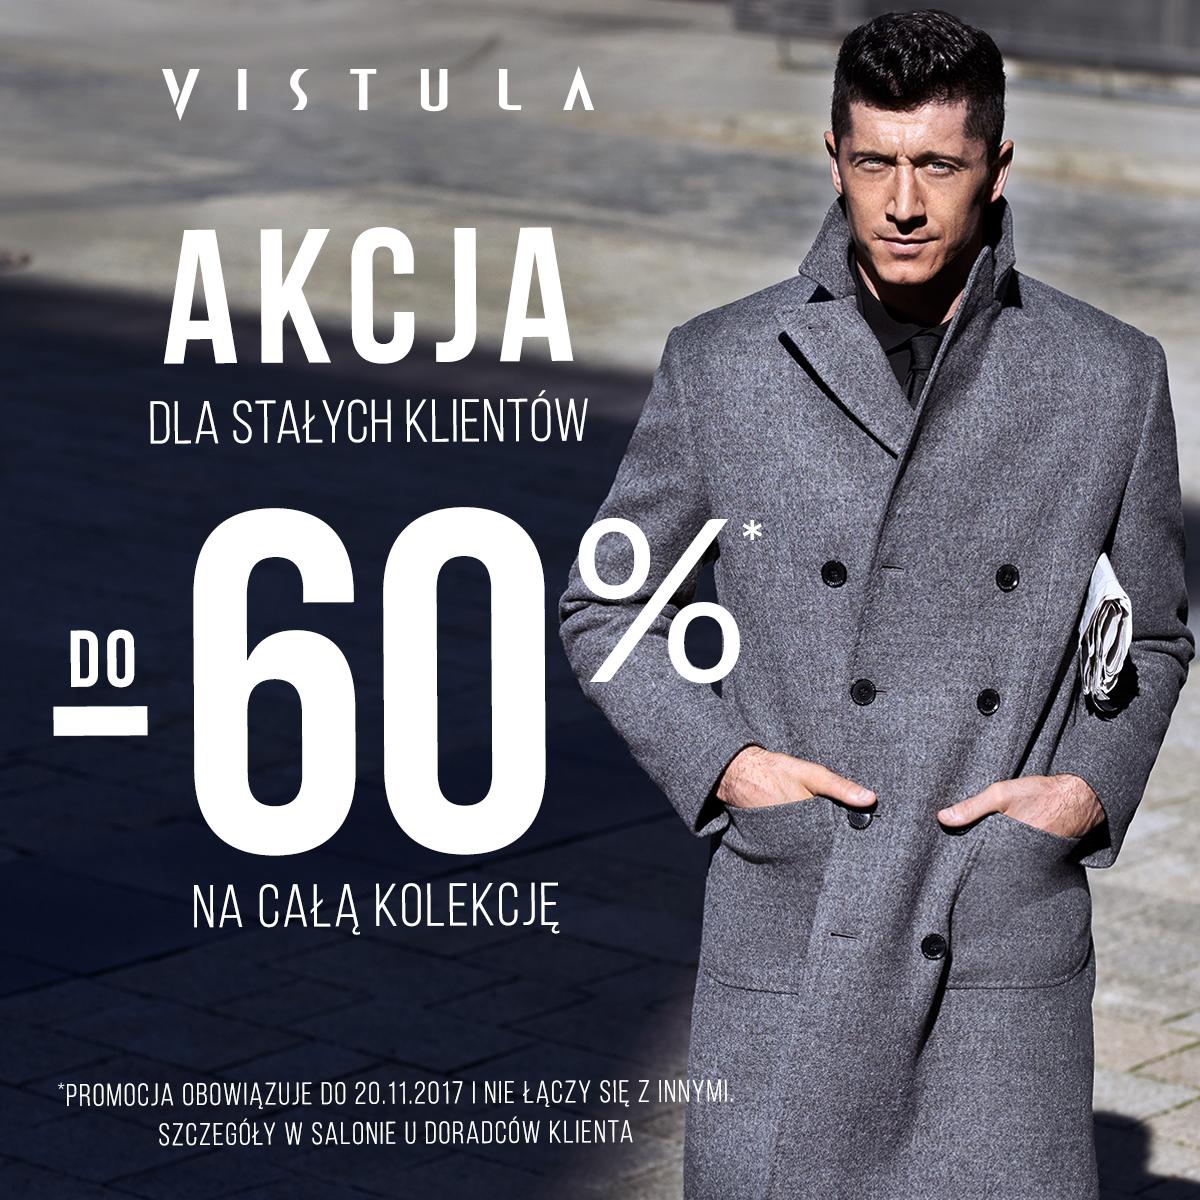 Akcja dla stałych klientów w salonie VISTULA. Do -60% rabatu na całą kolekcję!